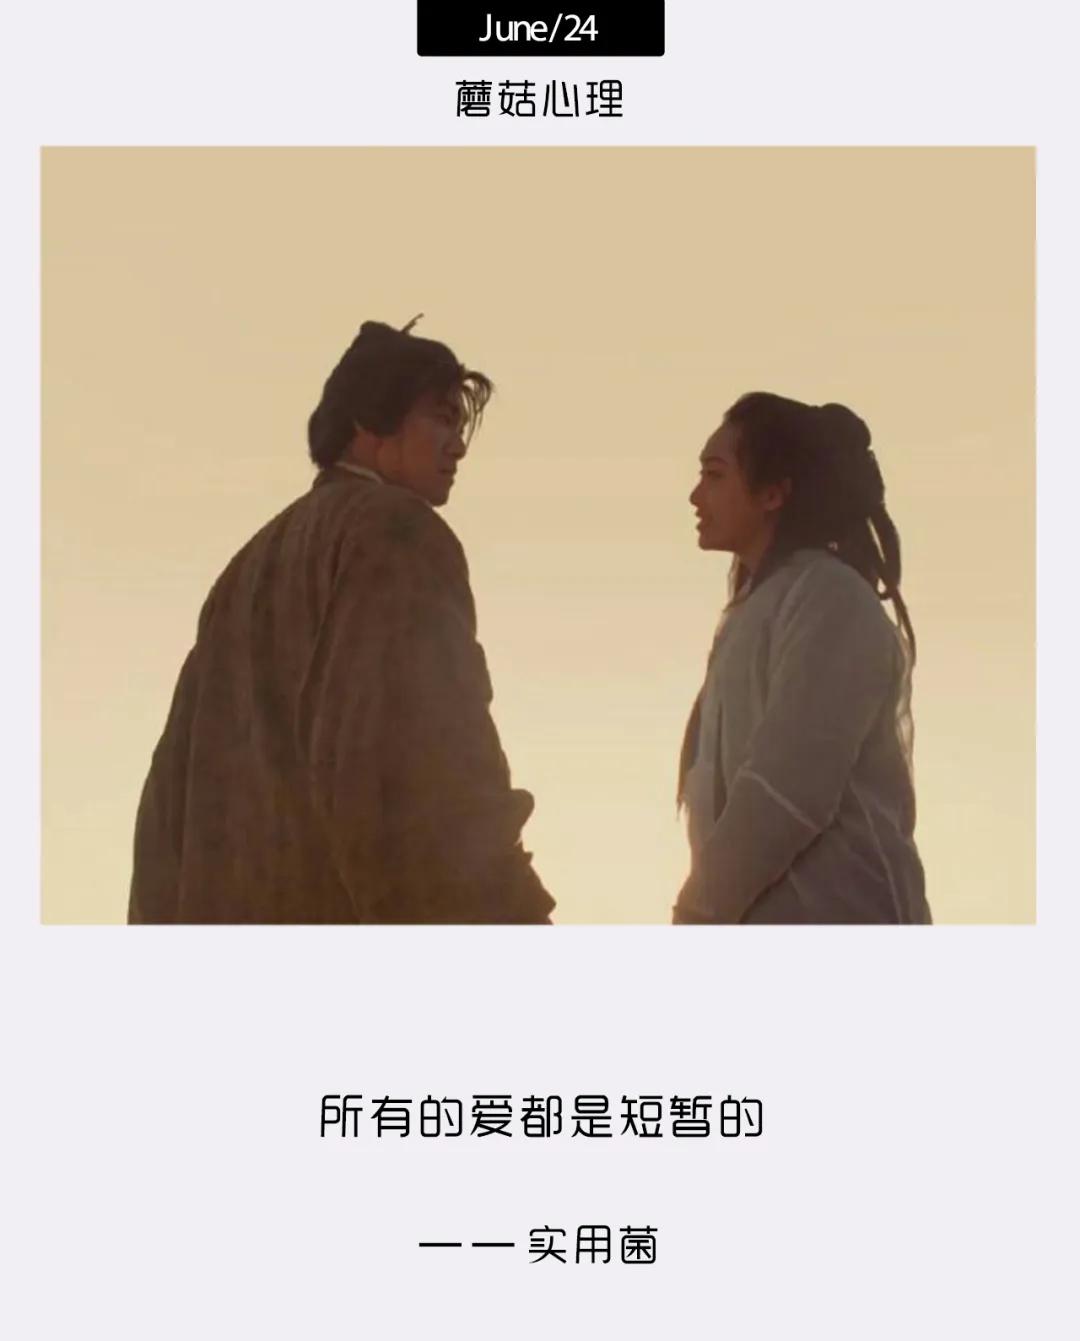 周星驰:所有的爱,都是短暂的